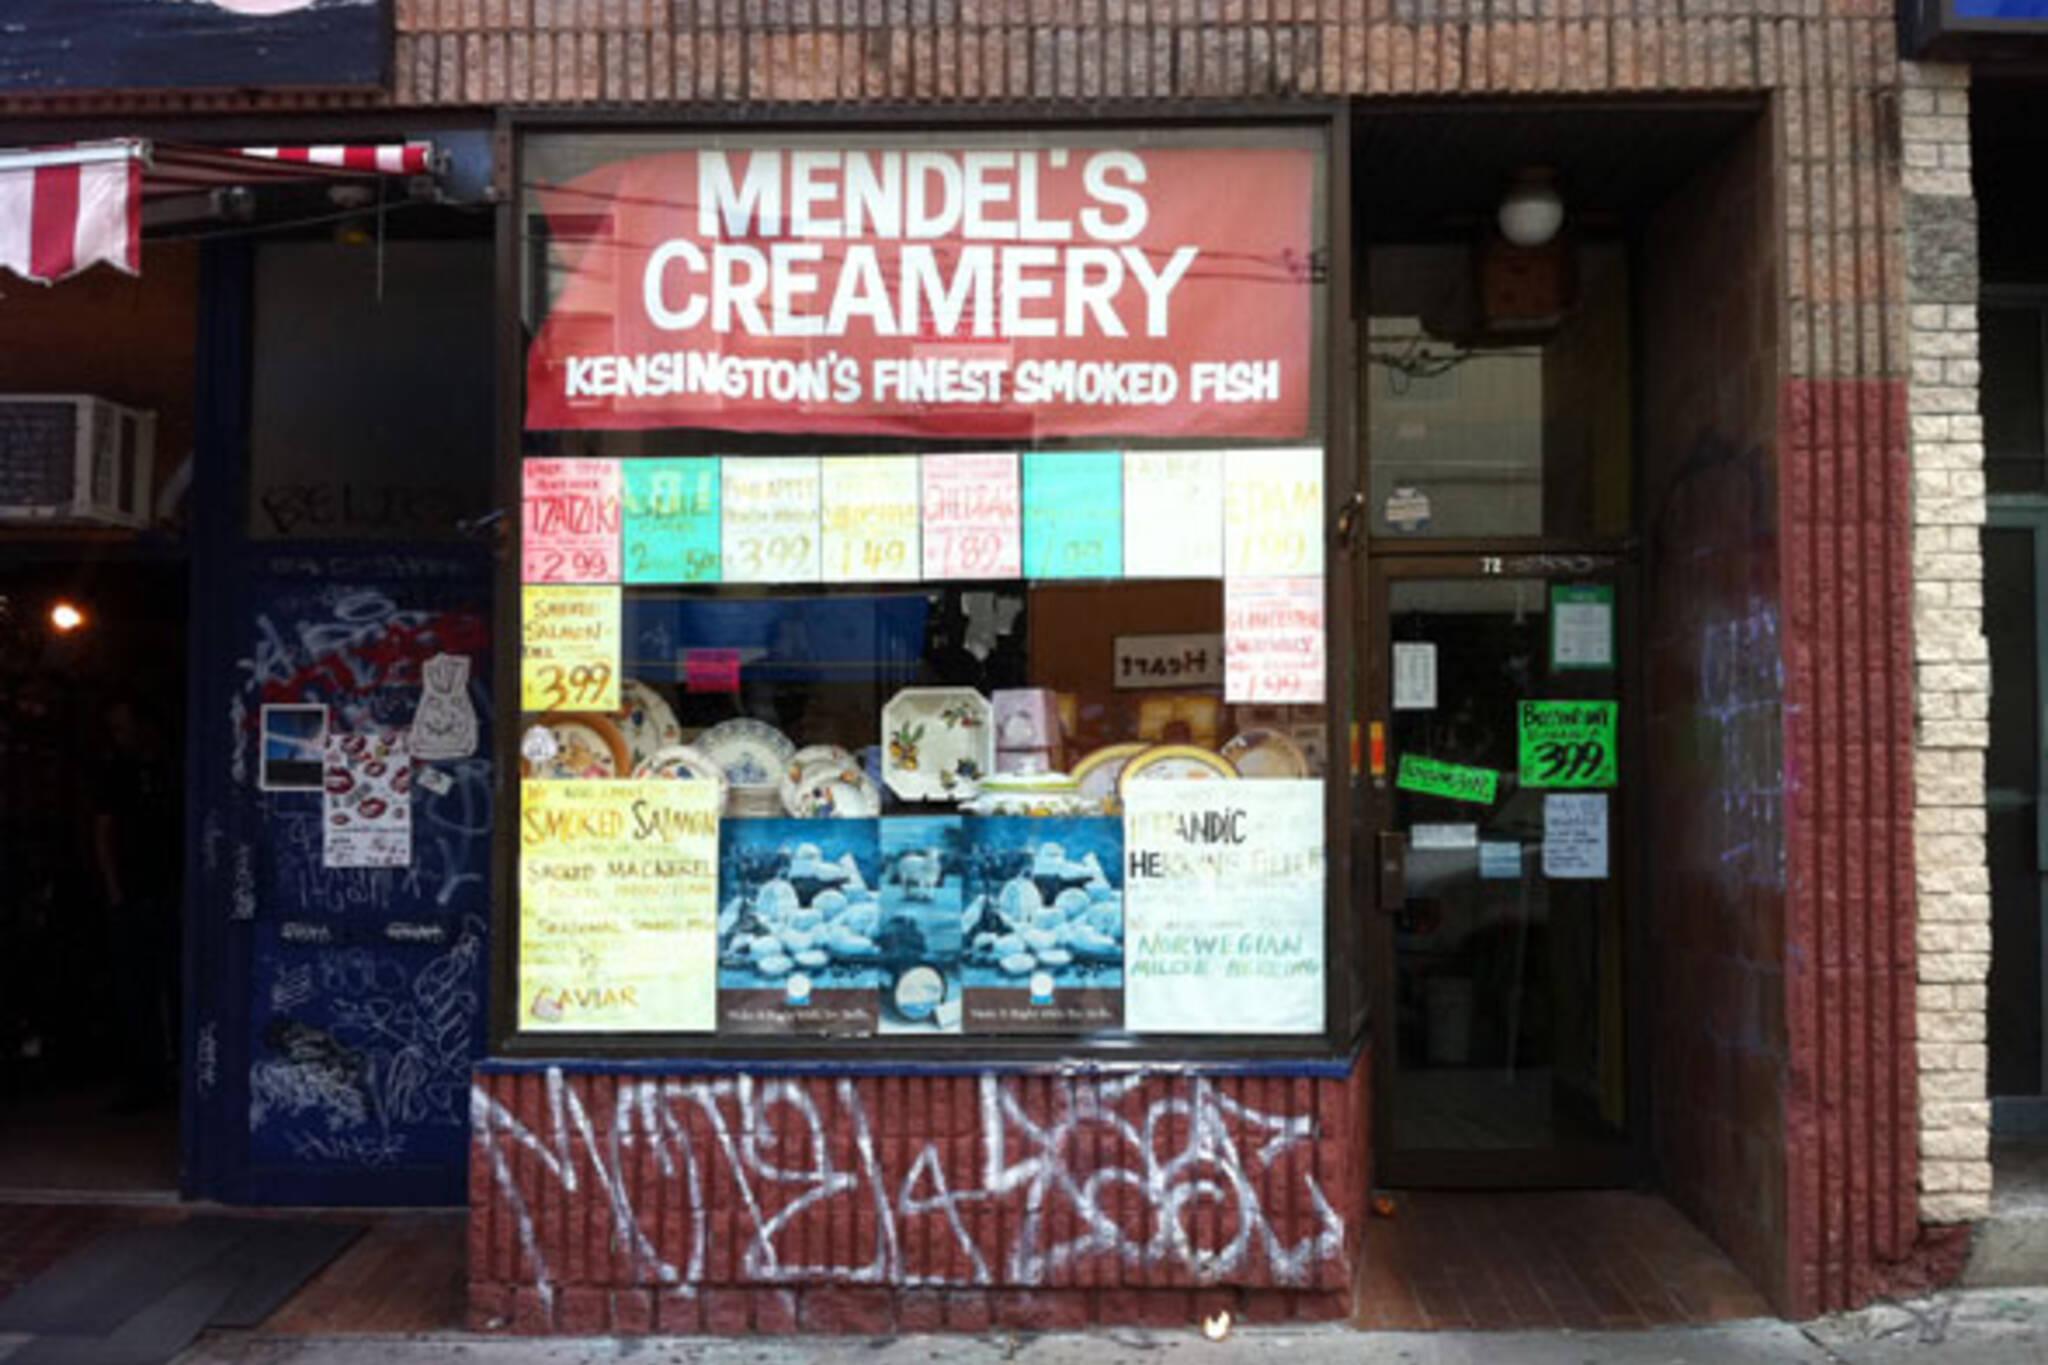 Mendels Creamery